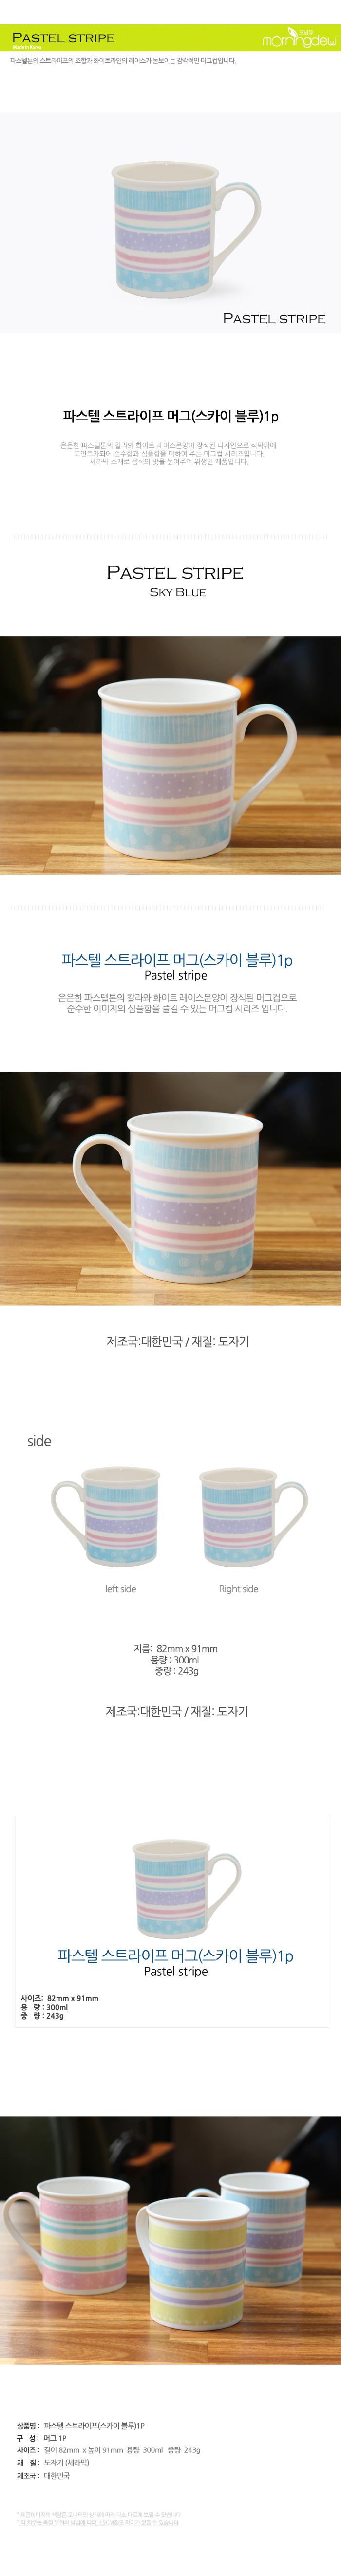 파스텔 스트라이프(스카이블루) - 모닝듀, 3,600원, 머그컵, 패턴머그